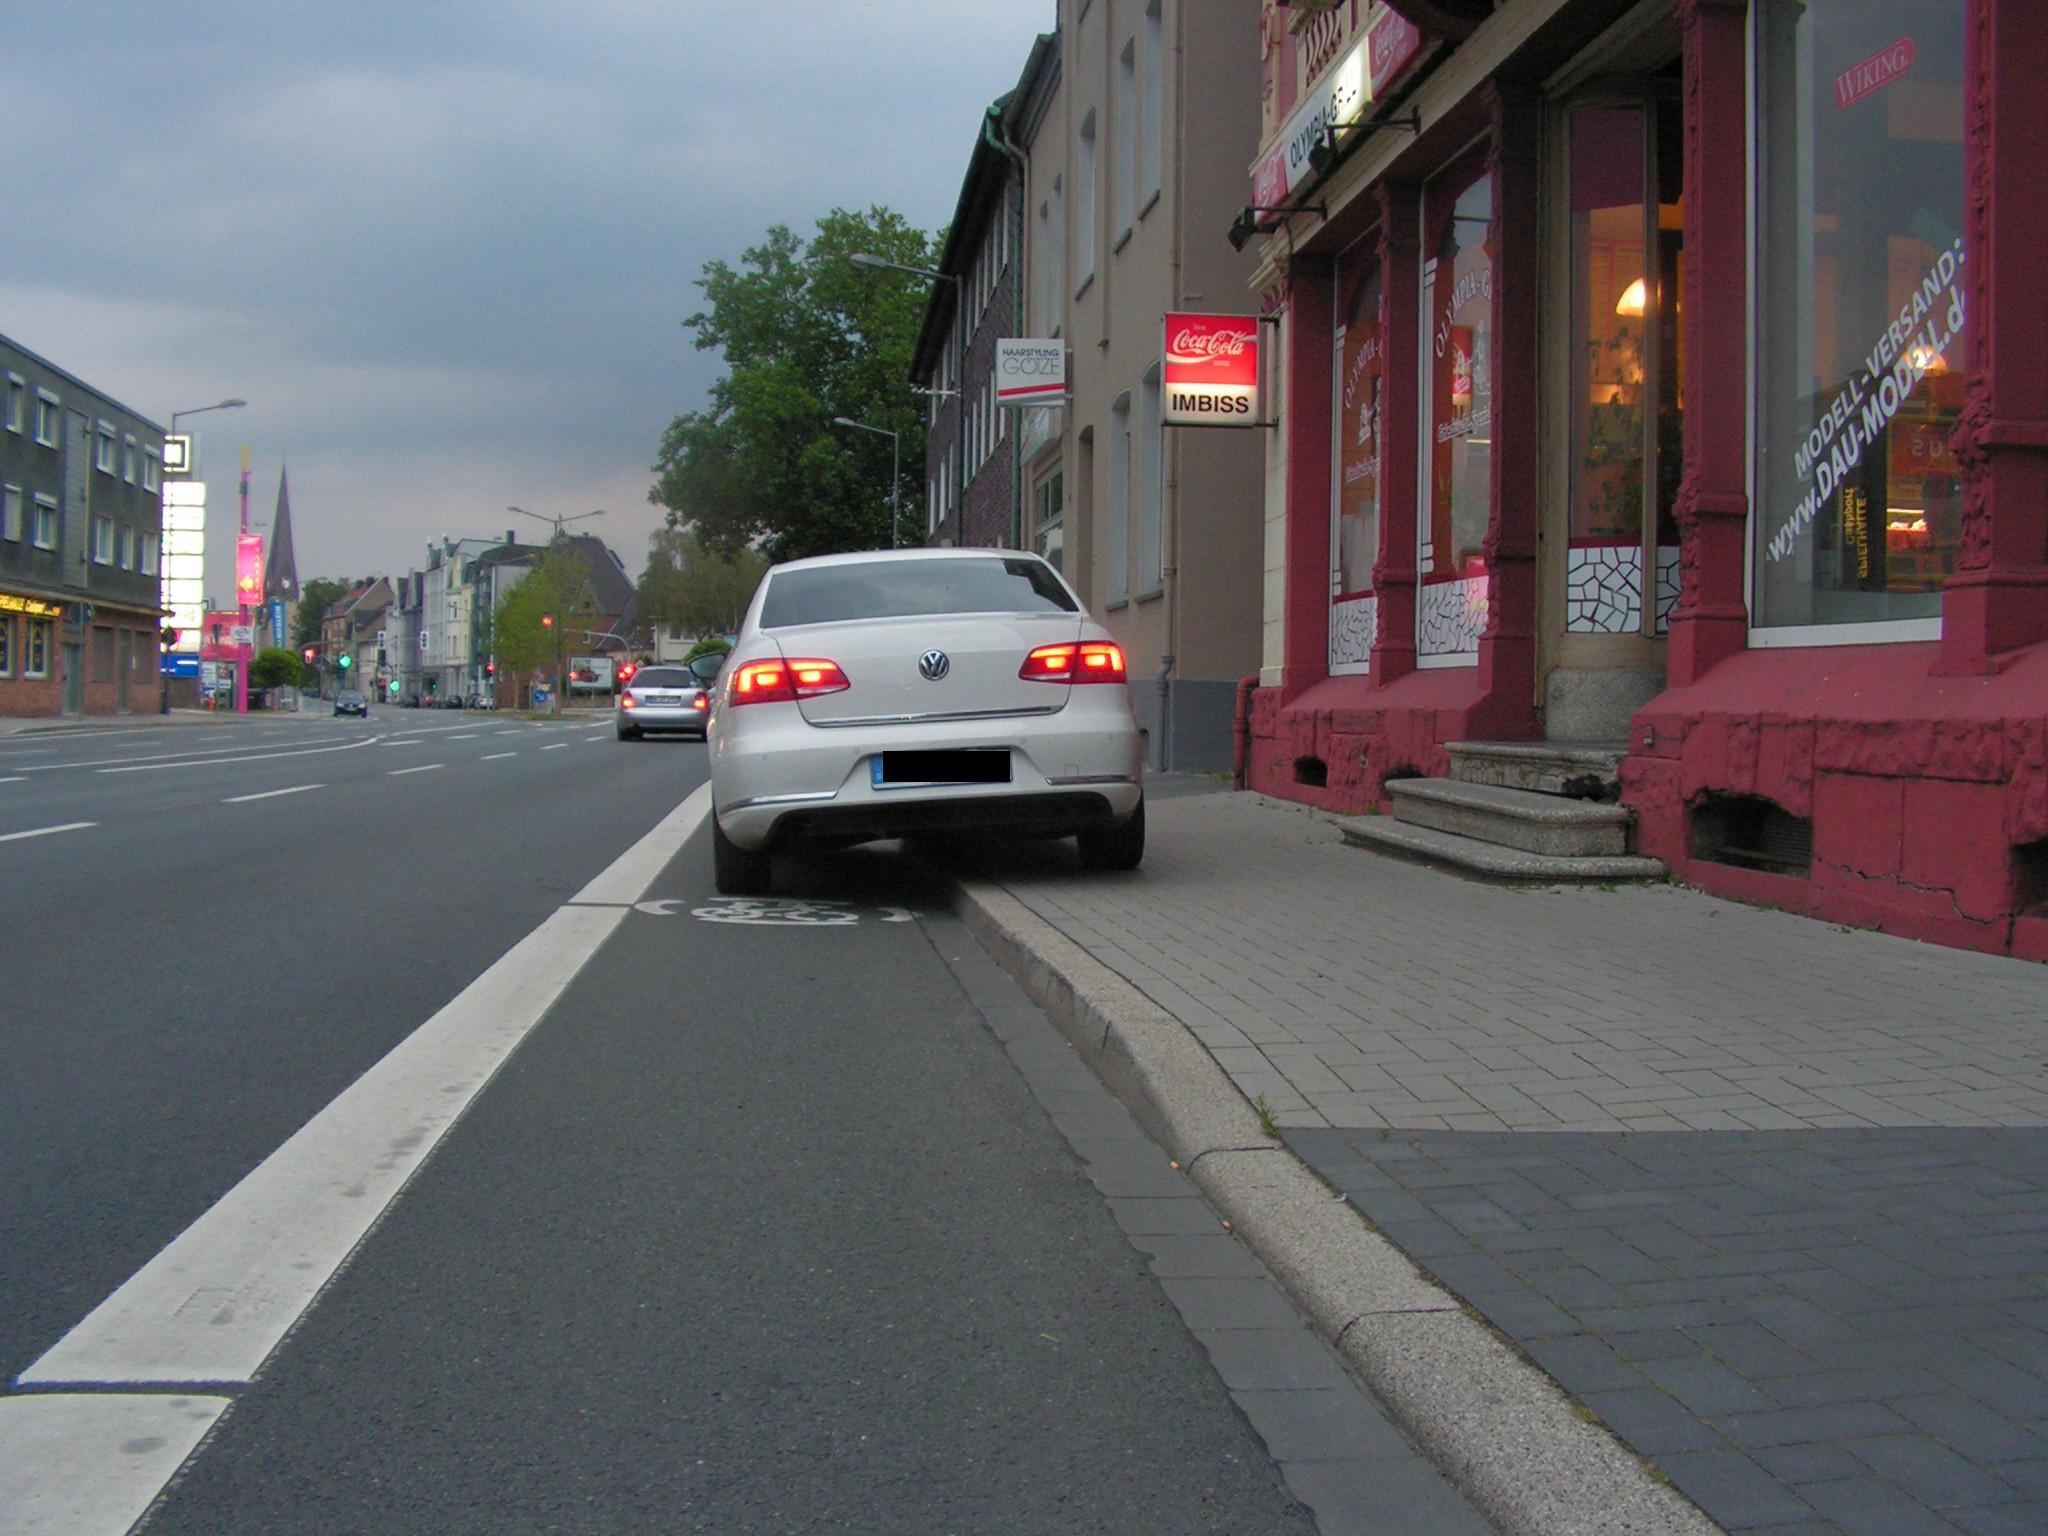 Problemfall Herner Straße 278: Eine Kurzparkzone in der Hiltroper Straße und ein deutlich sichtbares Hinweisschild auf die Kurzparkzone am Imbiss könnte zu einer Besserung führen. (Foto: Peter Maier)